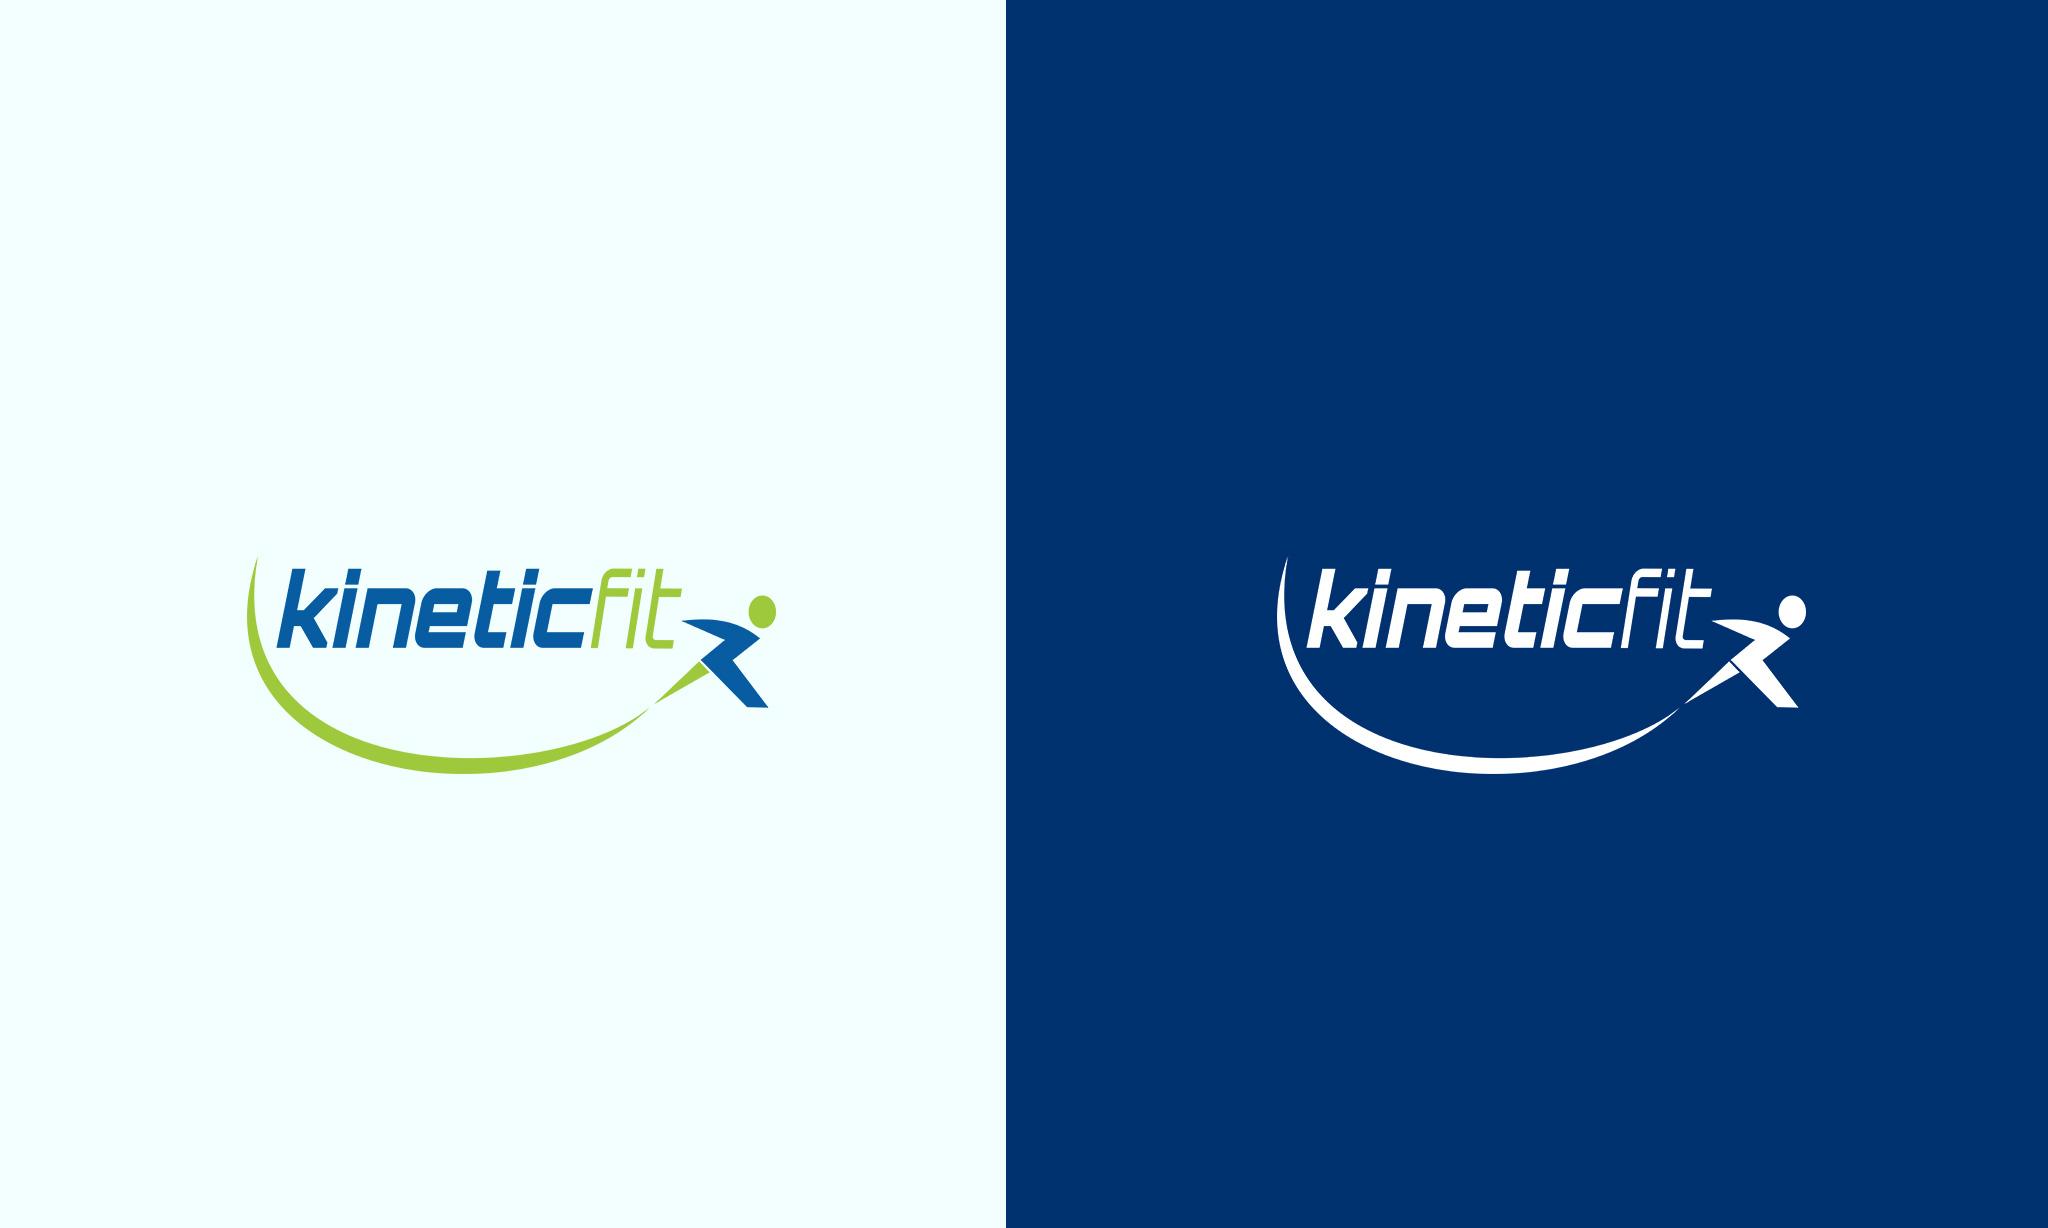 creare-logo-kinetic-fit